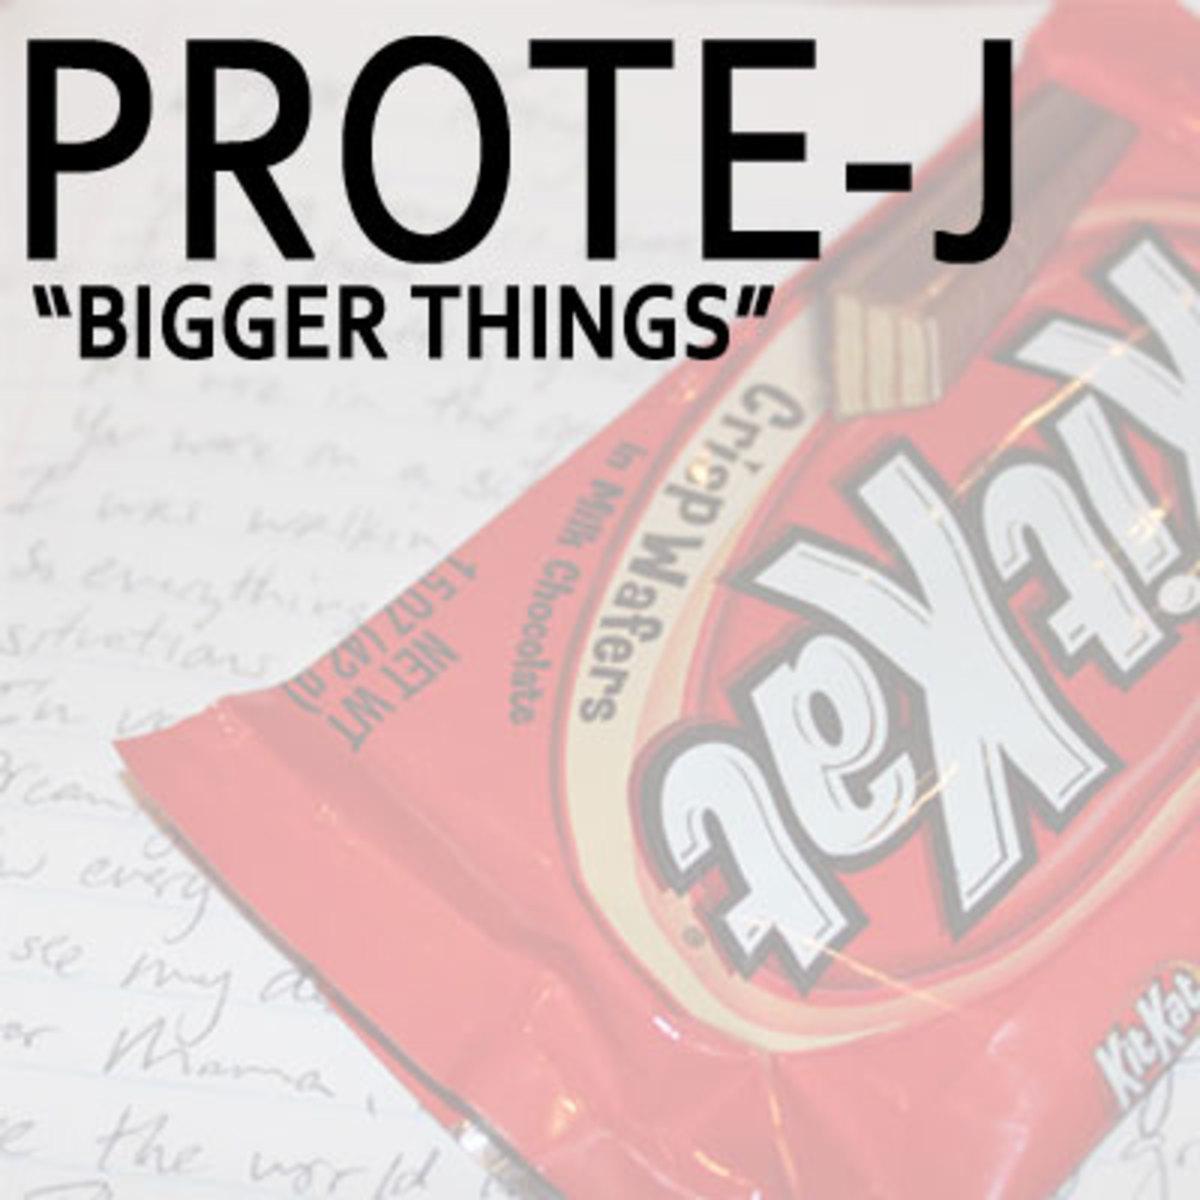 protej-biggerthings.jpg